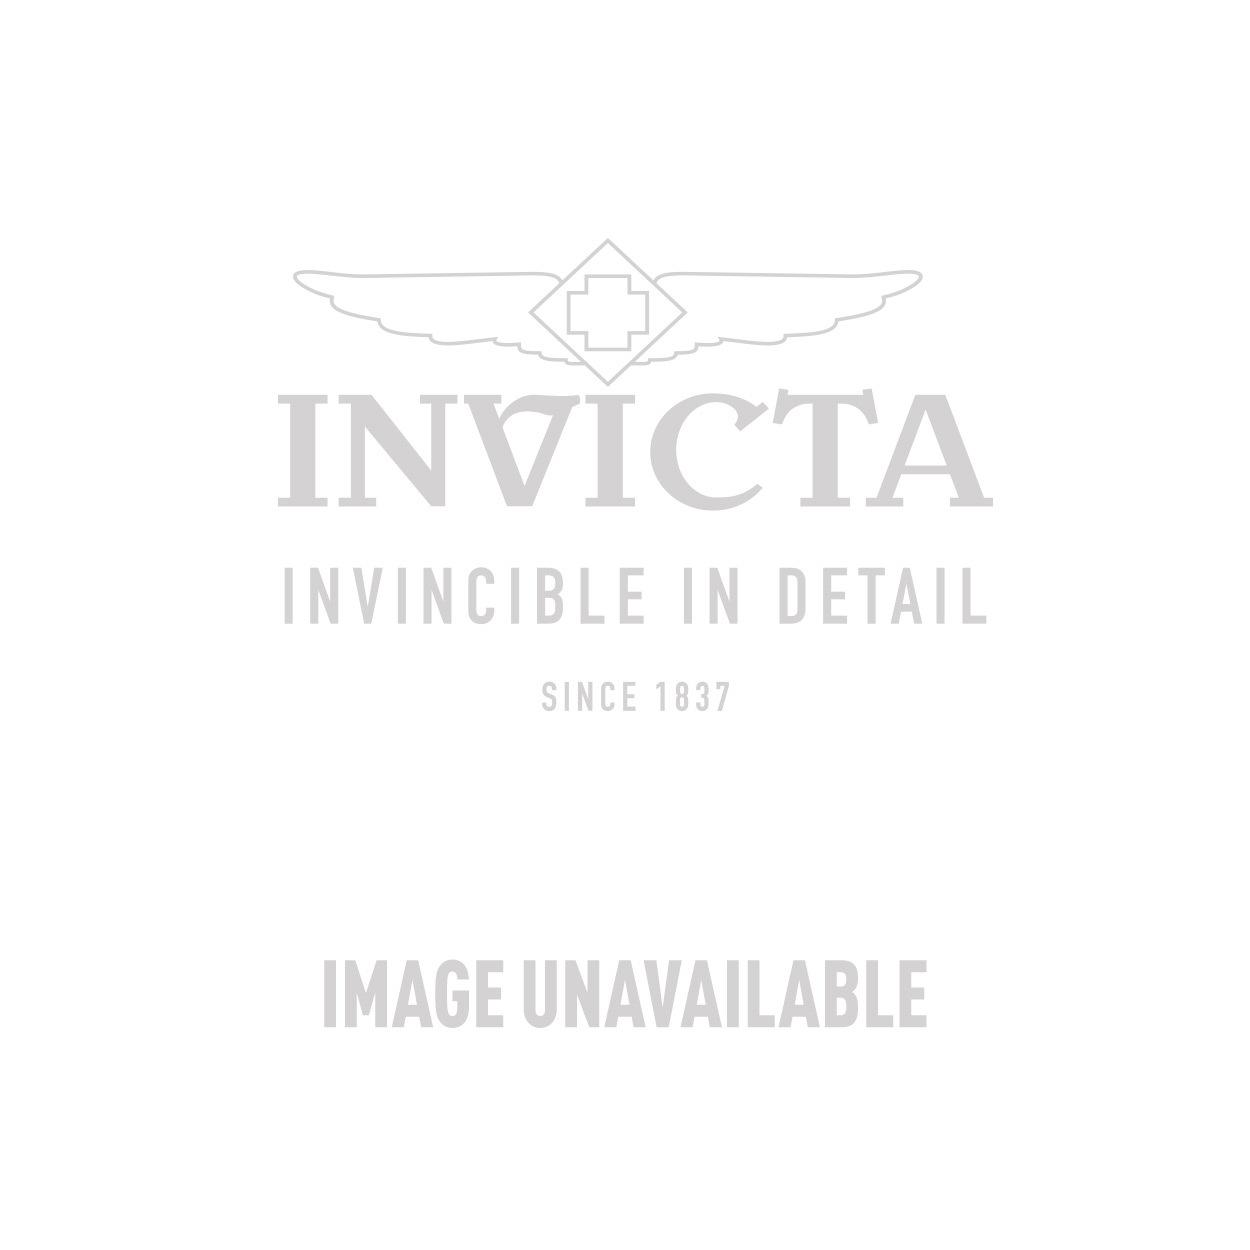 Invicta Model 28167